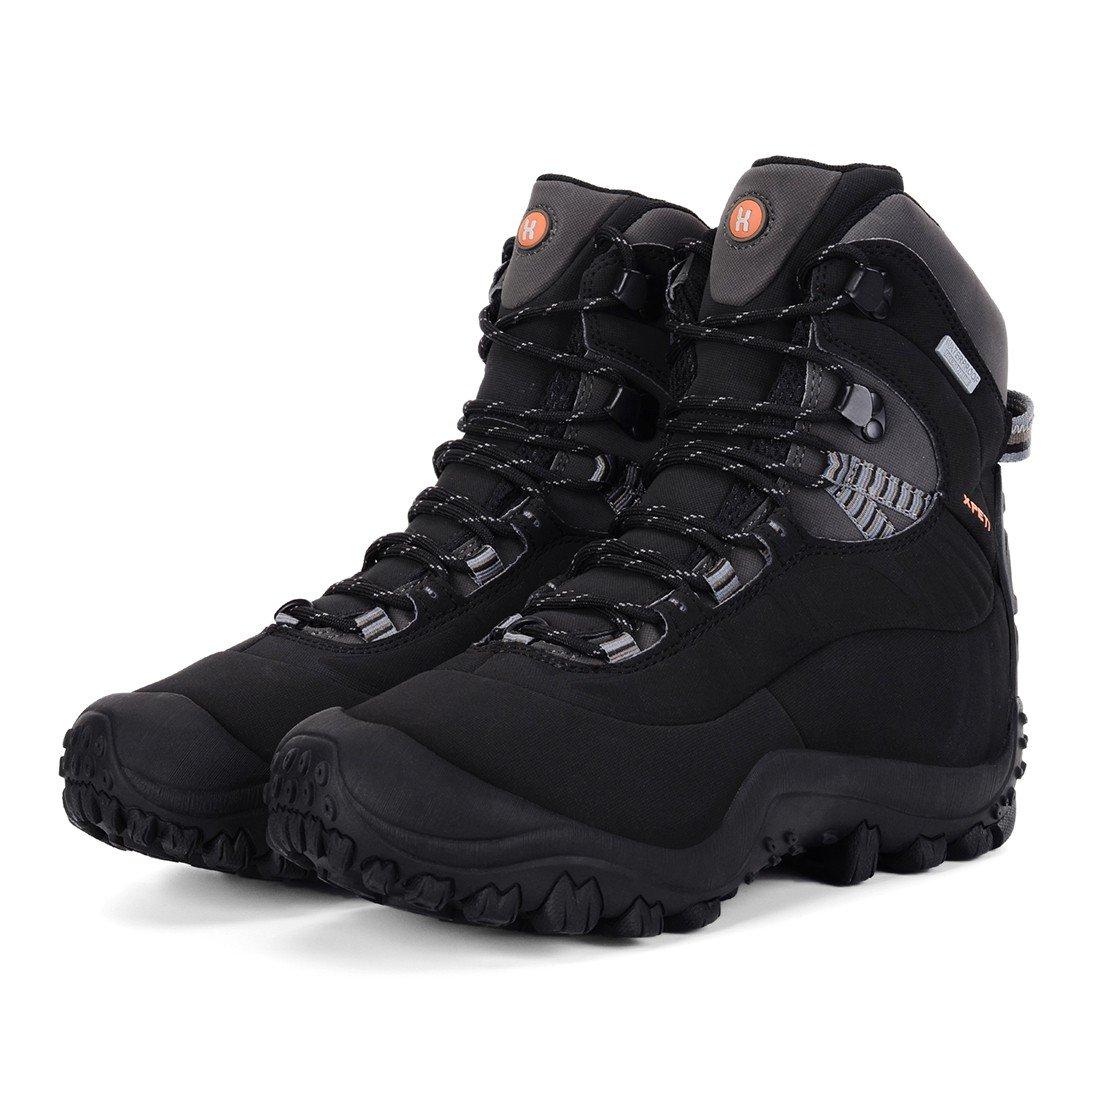 XPETI Women's Waterproof Mid B079DLLP3J High-Top Hiking Outdoor Boot B079DLLP3J Mid 9 M US|Black 41d3f7